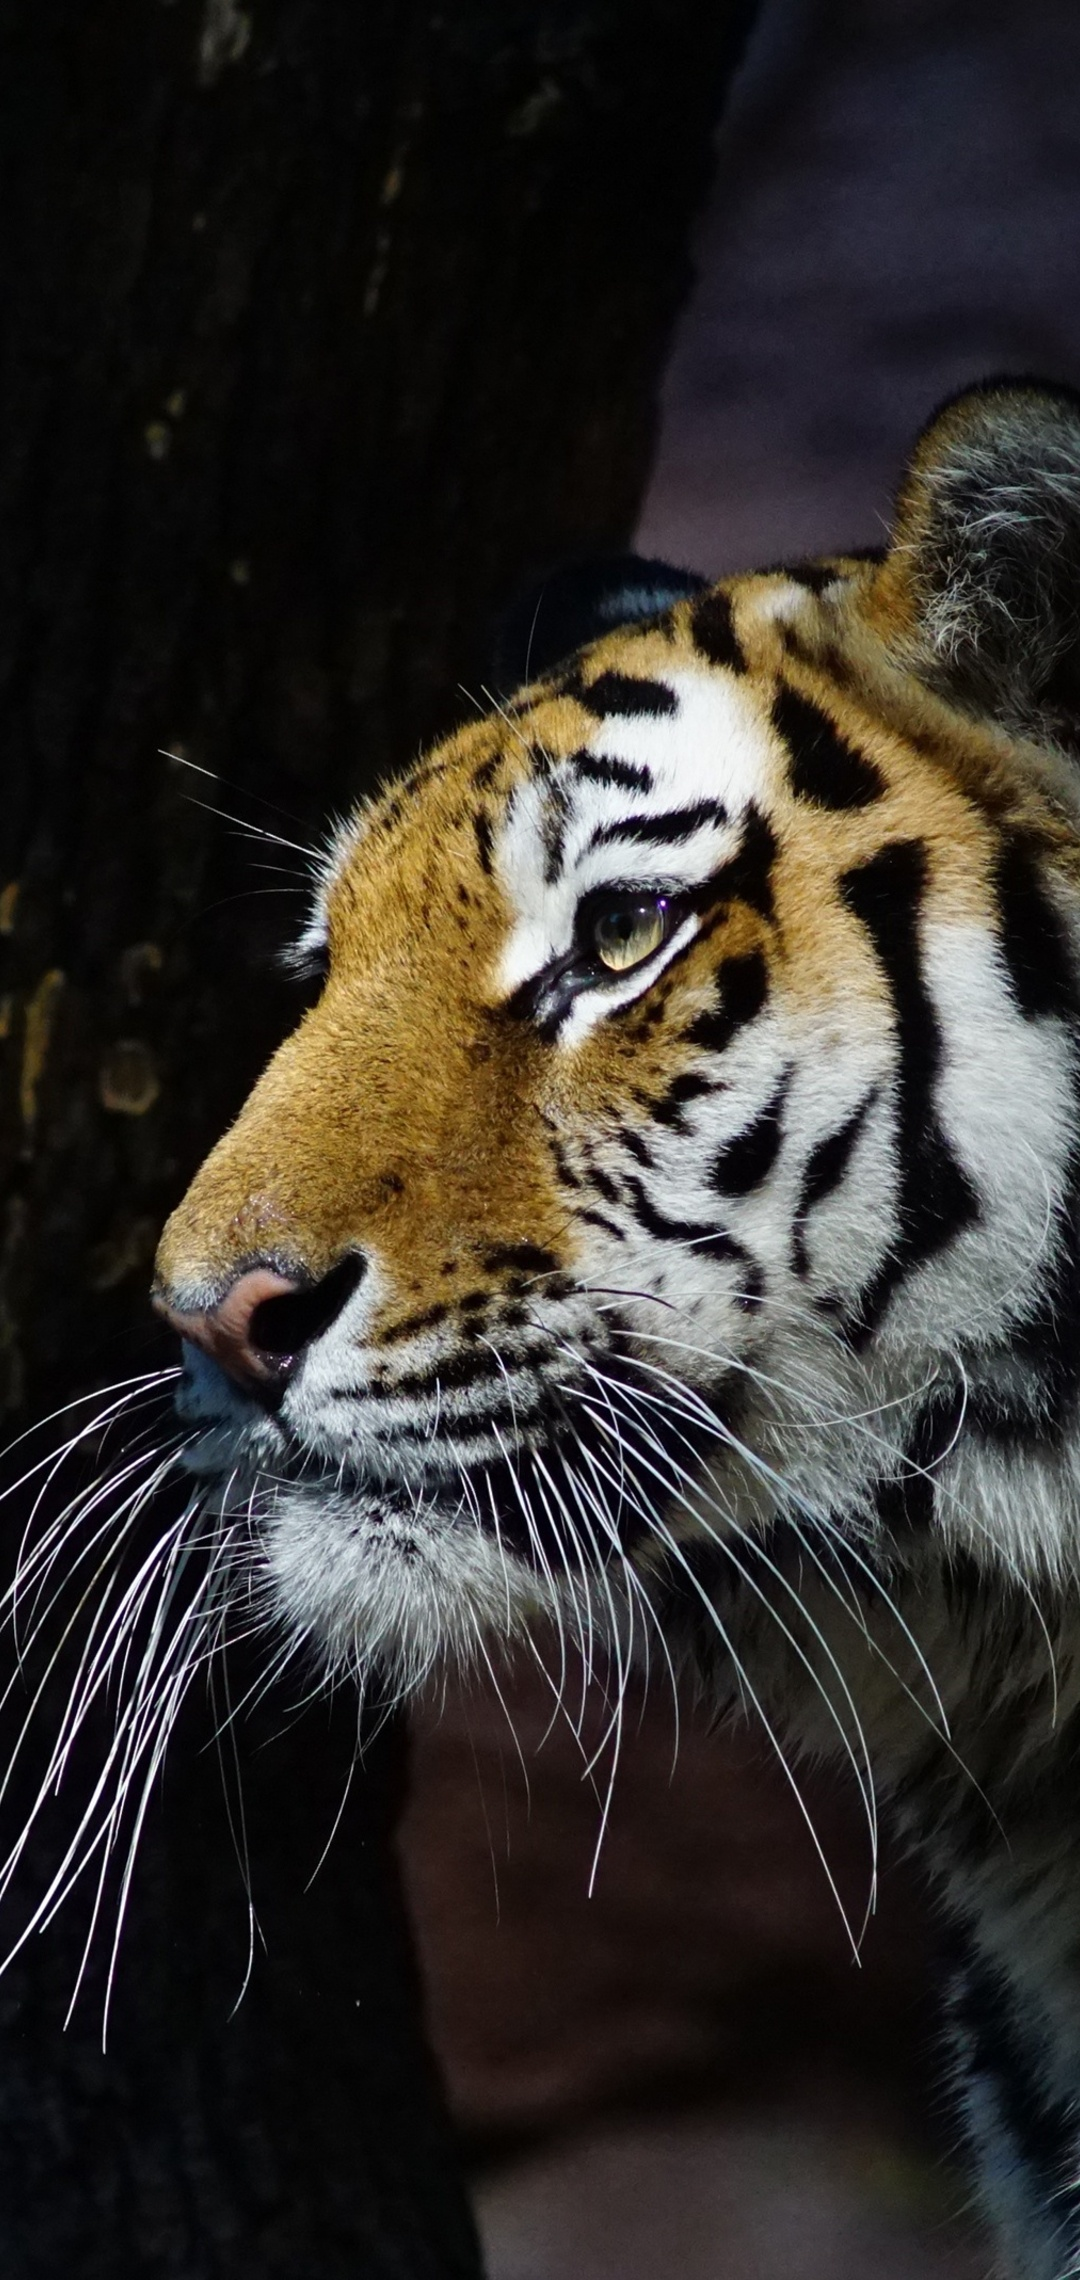 tiger-glance-4k-x4.jpg